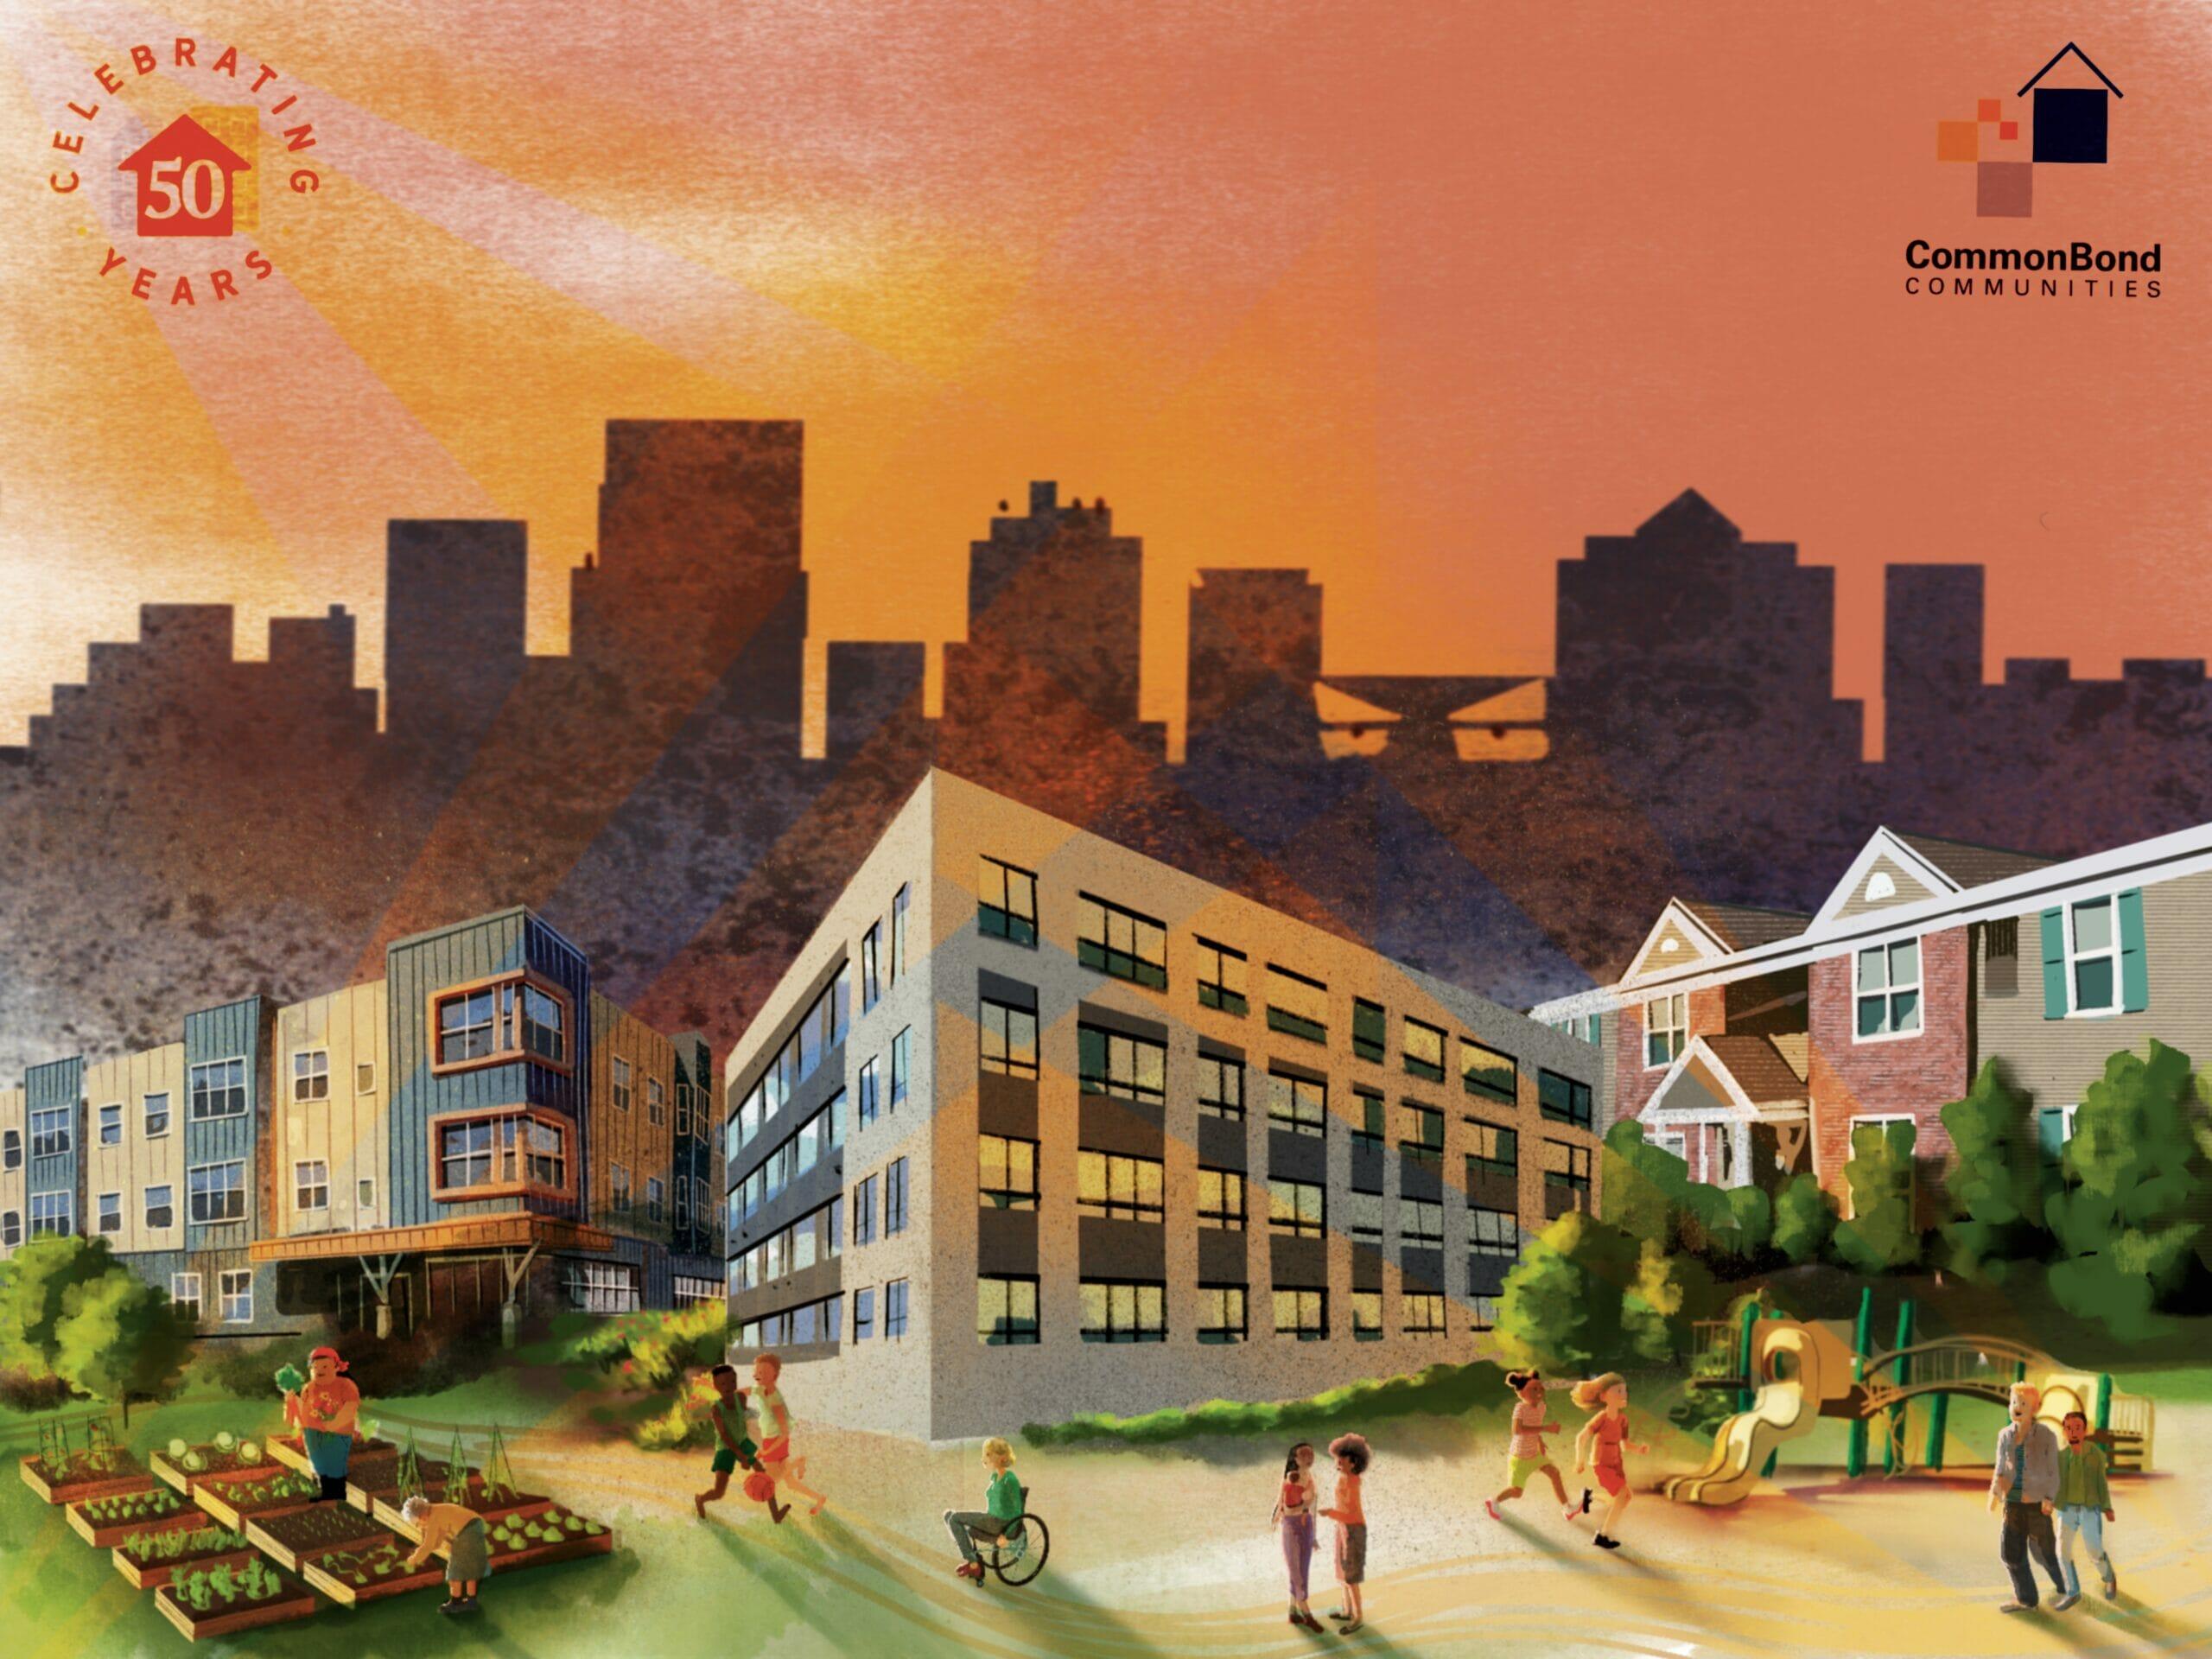 CommonBond Art Poster by Kim Burnett